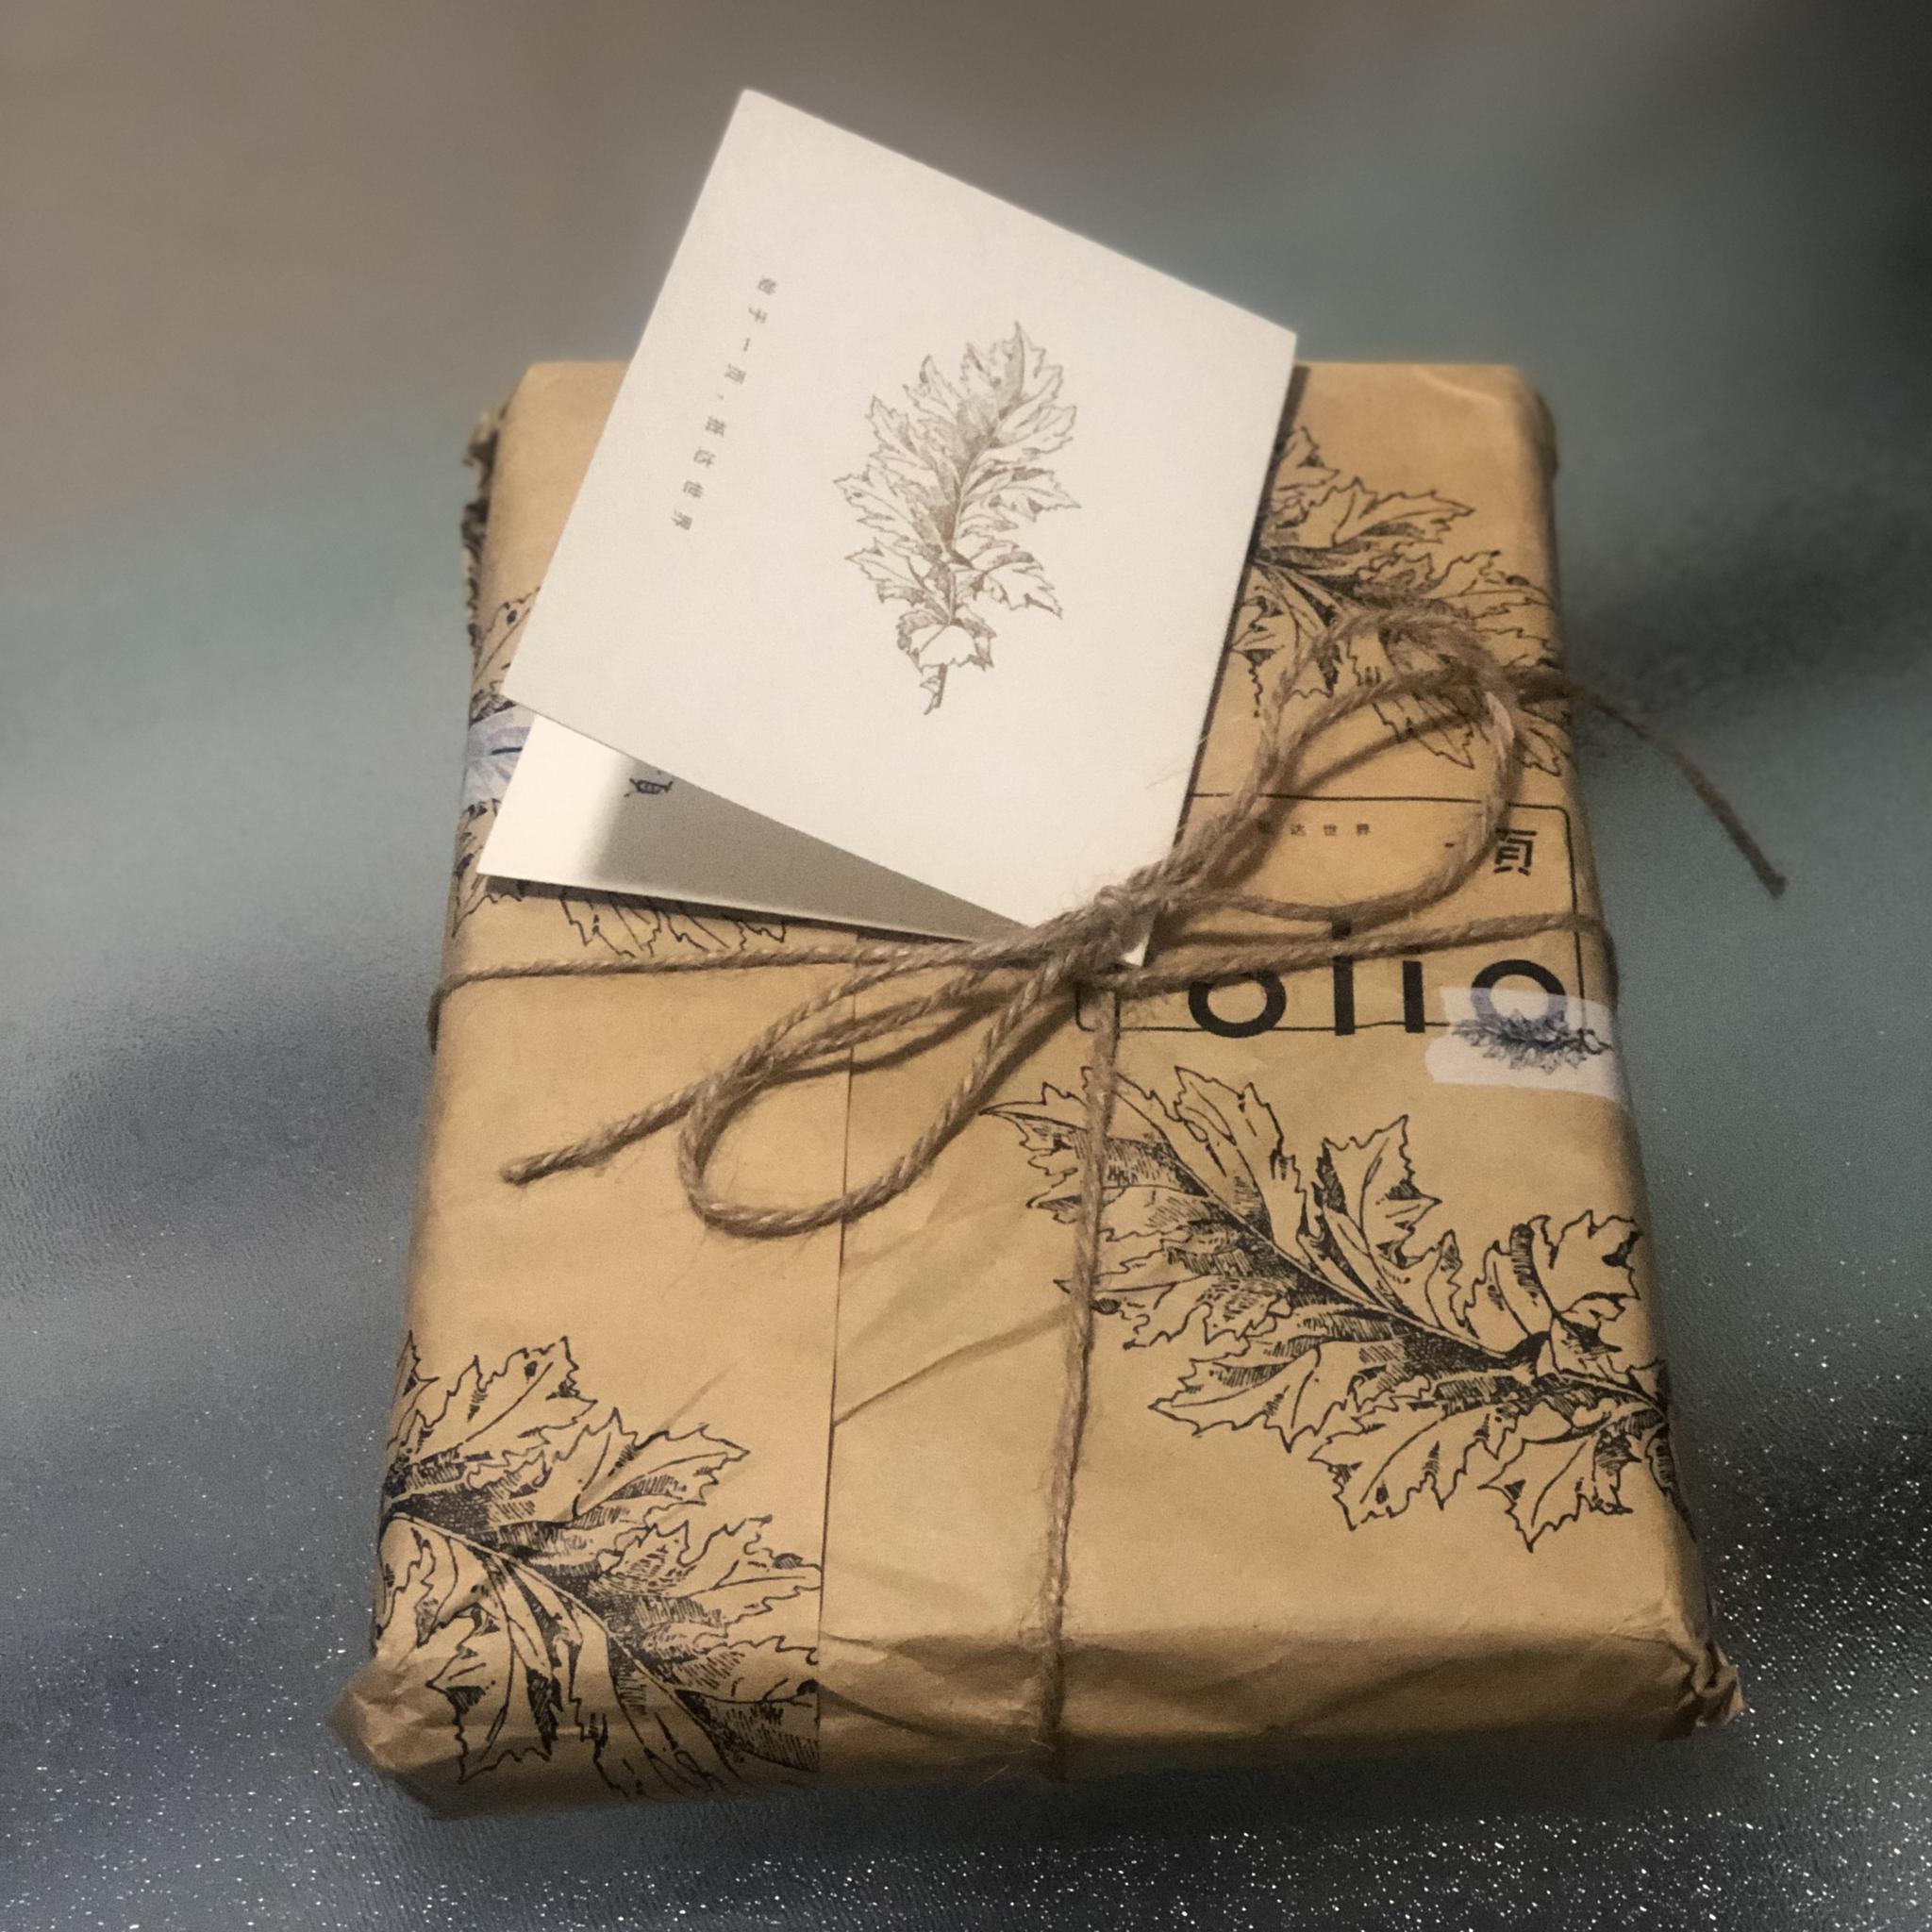 收到恰恰的礼物一本卡夫卡的传记 还有印了卡夫卡签名的口罩酷书是